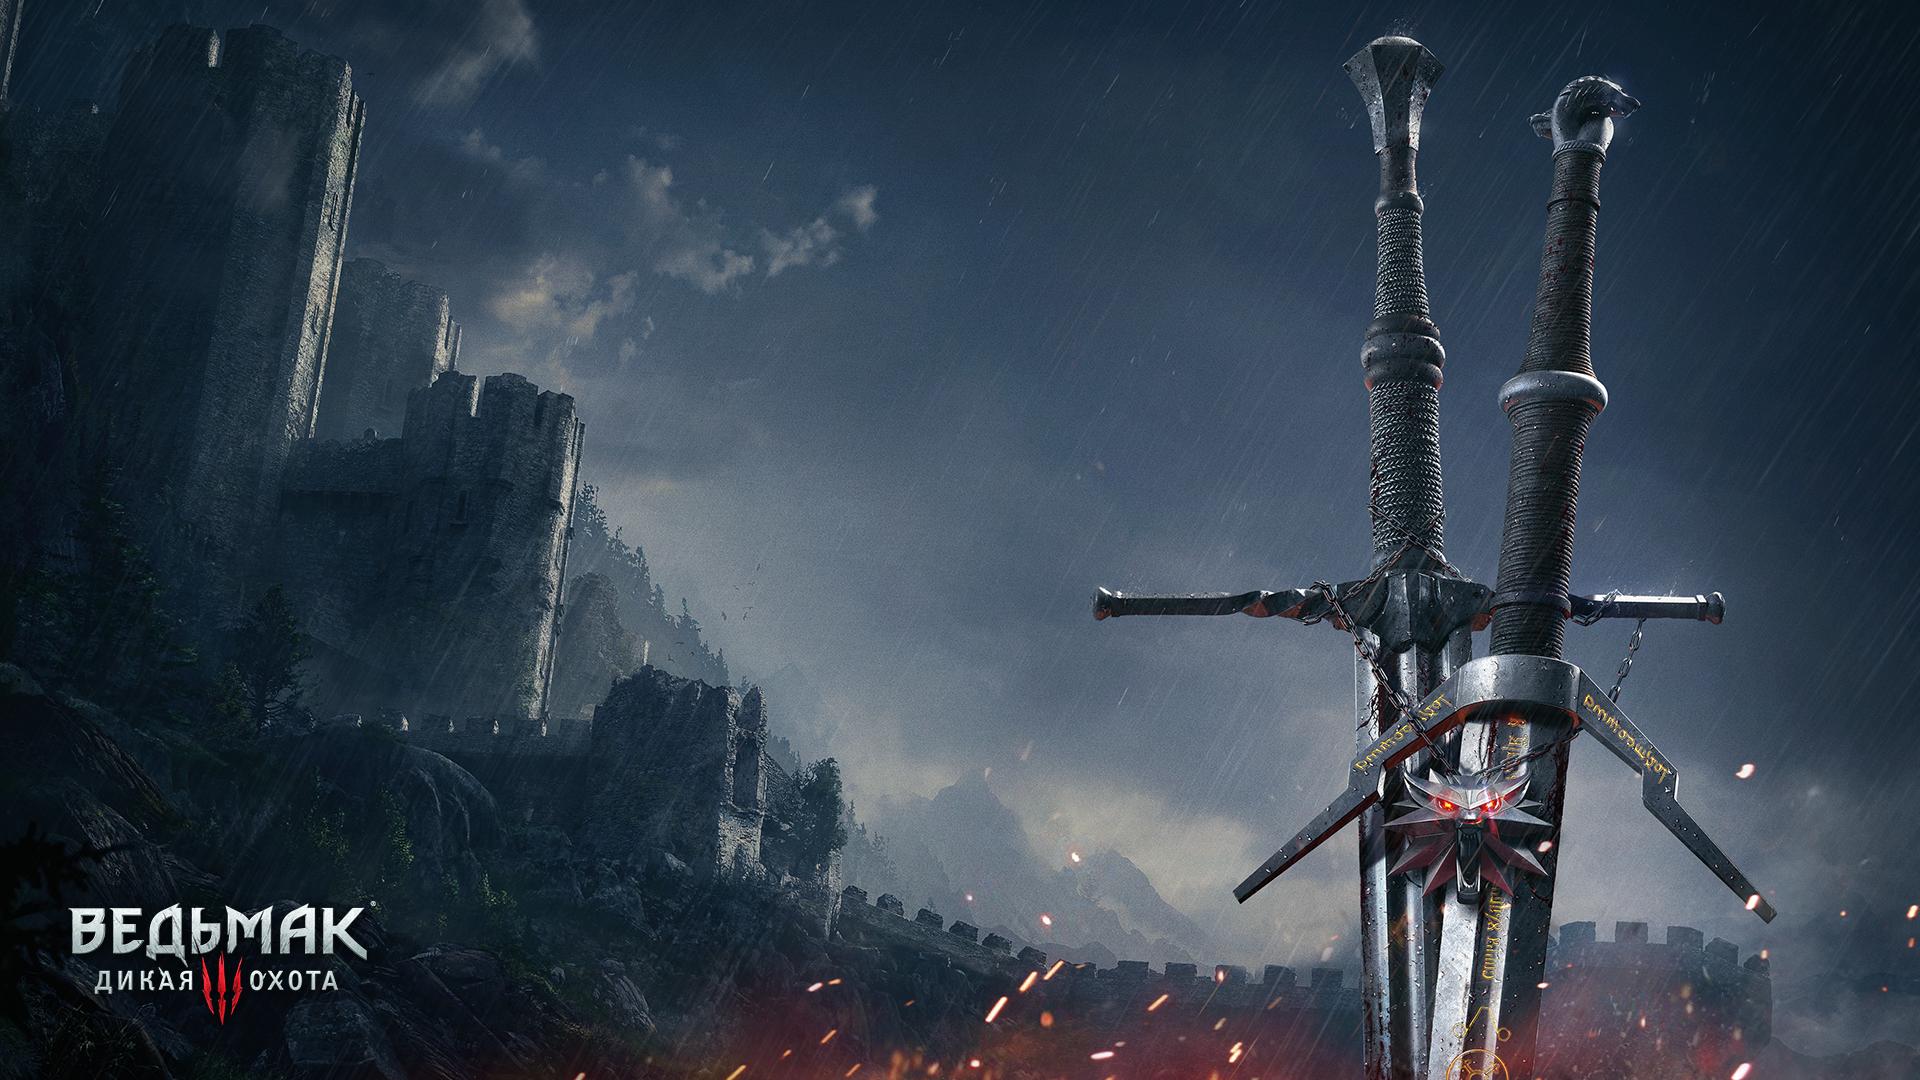 The Witcher 3: Wild Hunt. Ответы на вопросы, новые факты и информация о игре.   Сводка вопросов и ответов по игре, в ... - Изображение 1